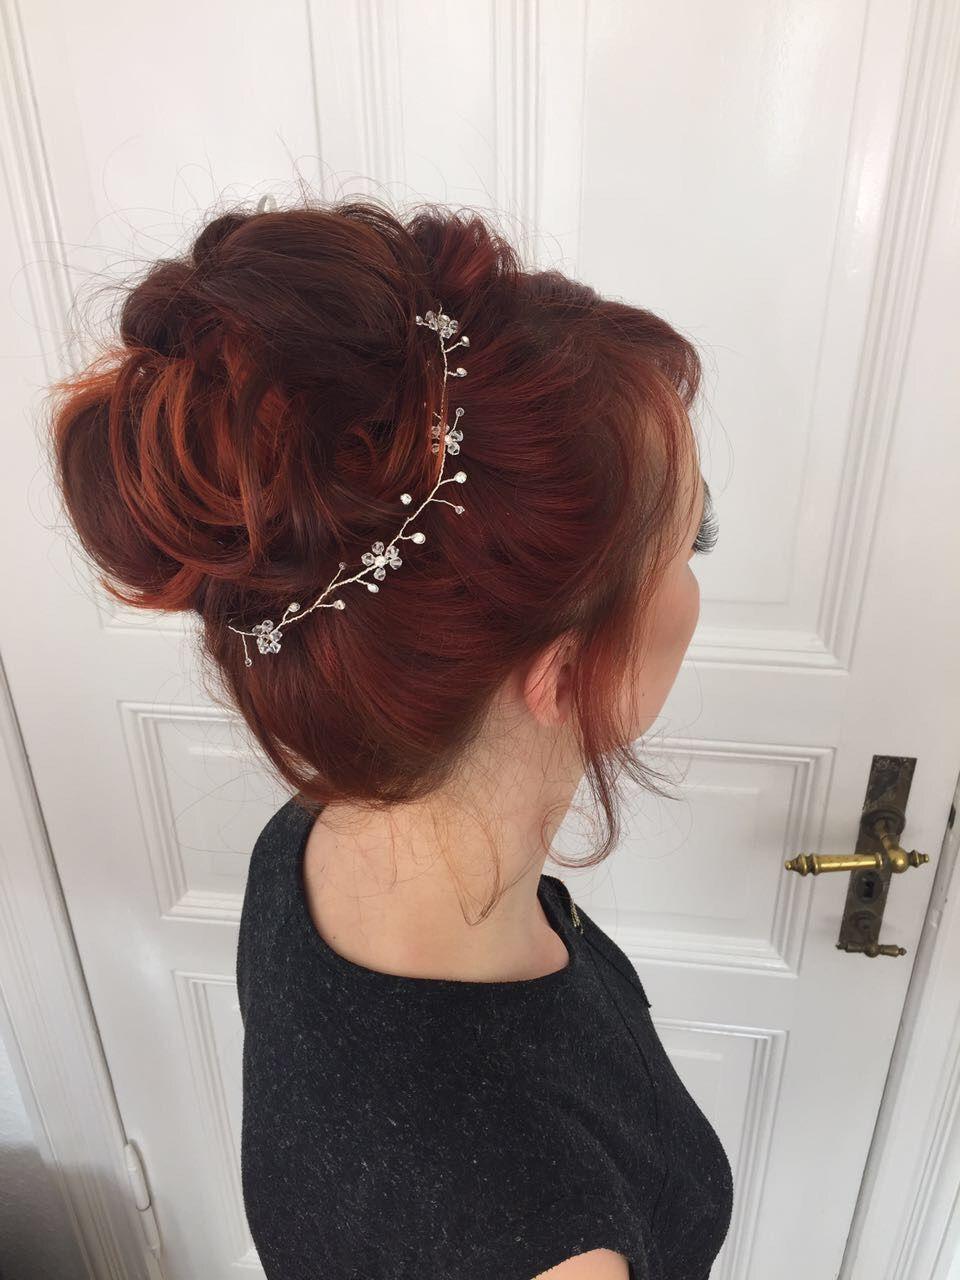 Rote Haare Up Do Zarter Haarschmuck Hochgesteckt Hochsteckfrisur